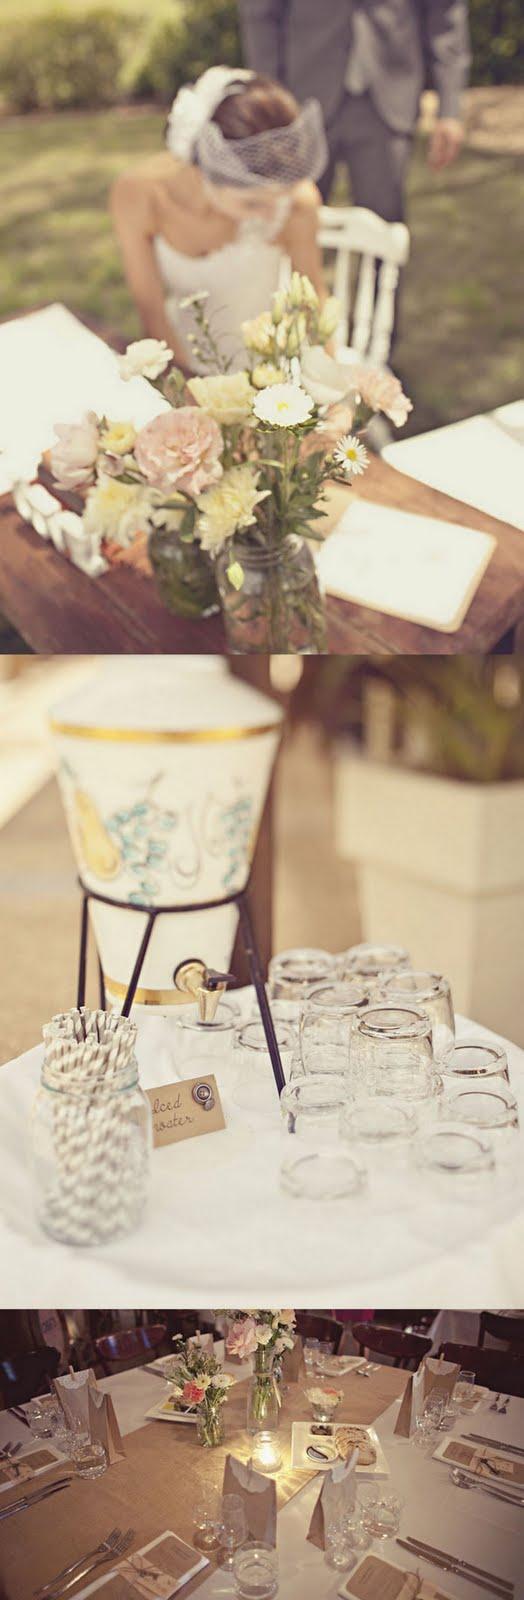 Dettagli Matrimonio Country Chic : Sposa creativa matrimonio country chic